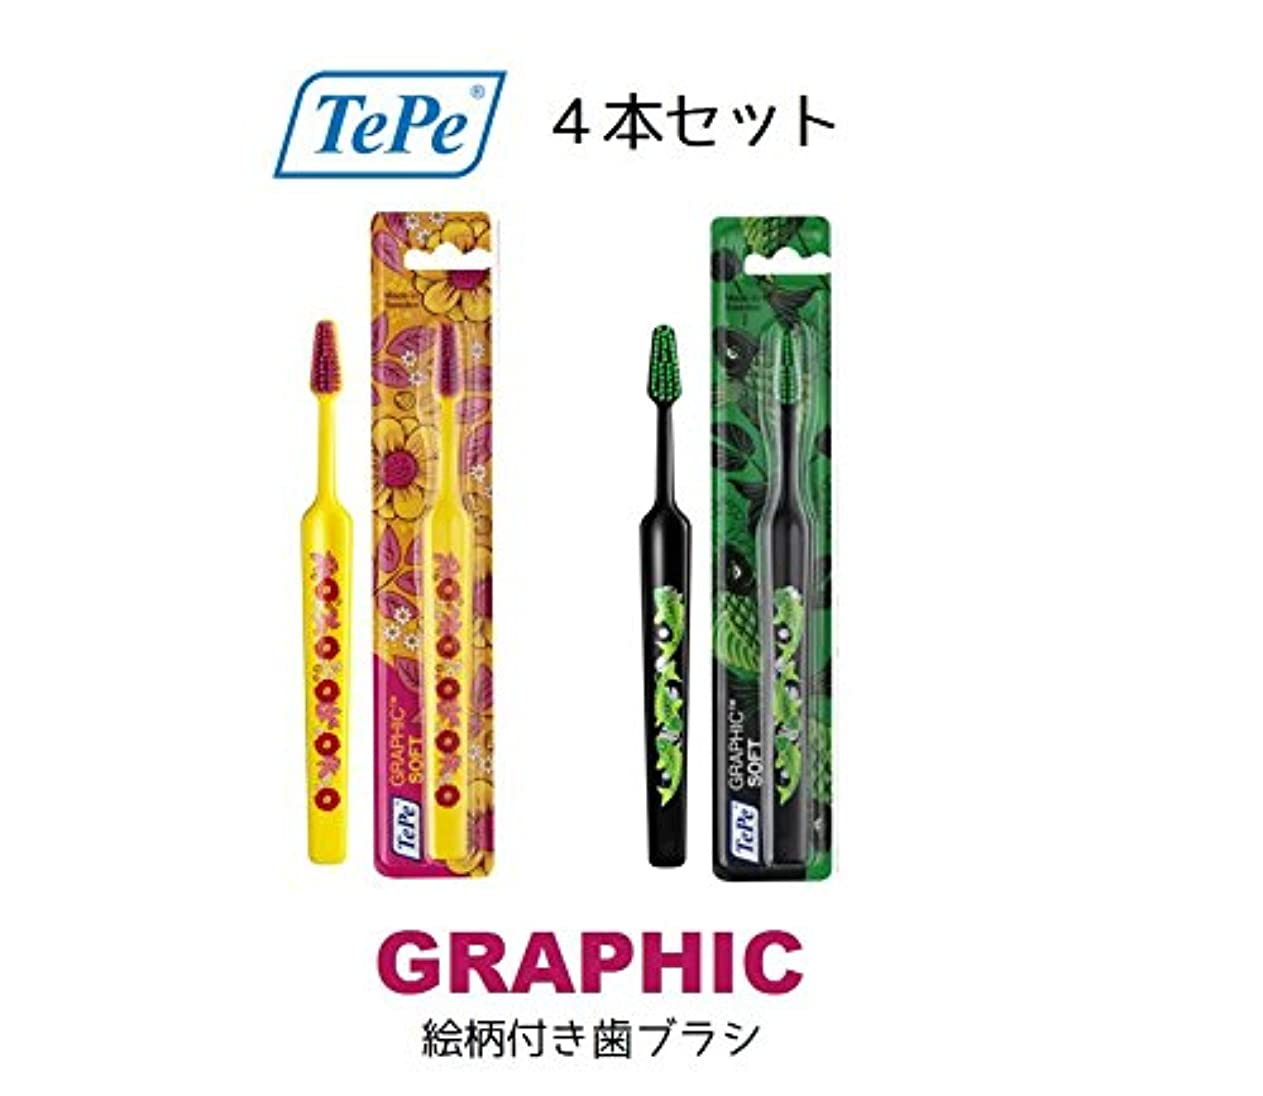 魅惑する効率的失礼なテペ グラフィック ソフト 4本セット TePe Graphic soft (イエロー?ピンクとブラックグリーンのミックス)